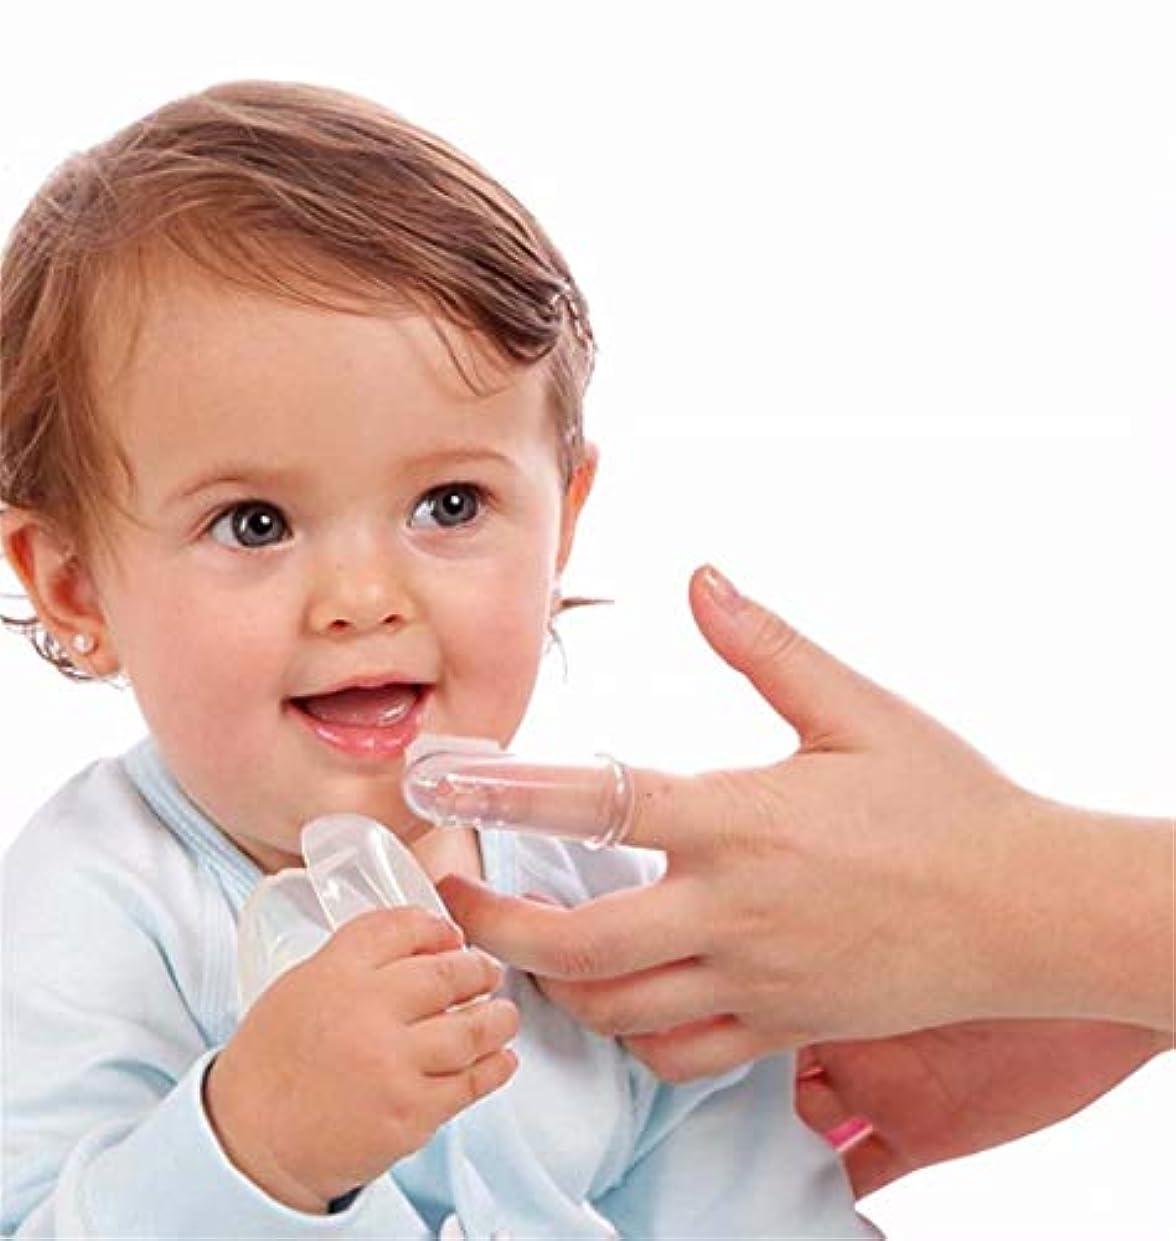 元気全滅させる強調する七里の香 ベビー指歯ブラシ、乳児幼児子供用シリコーンソフトオーラルマッサージャージェントルケア